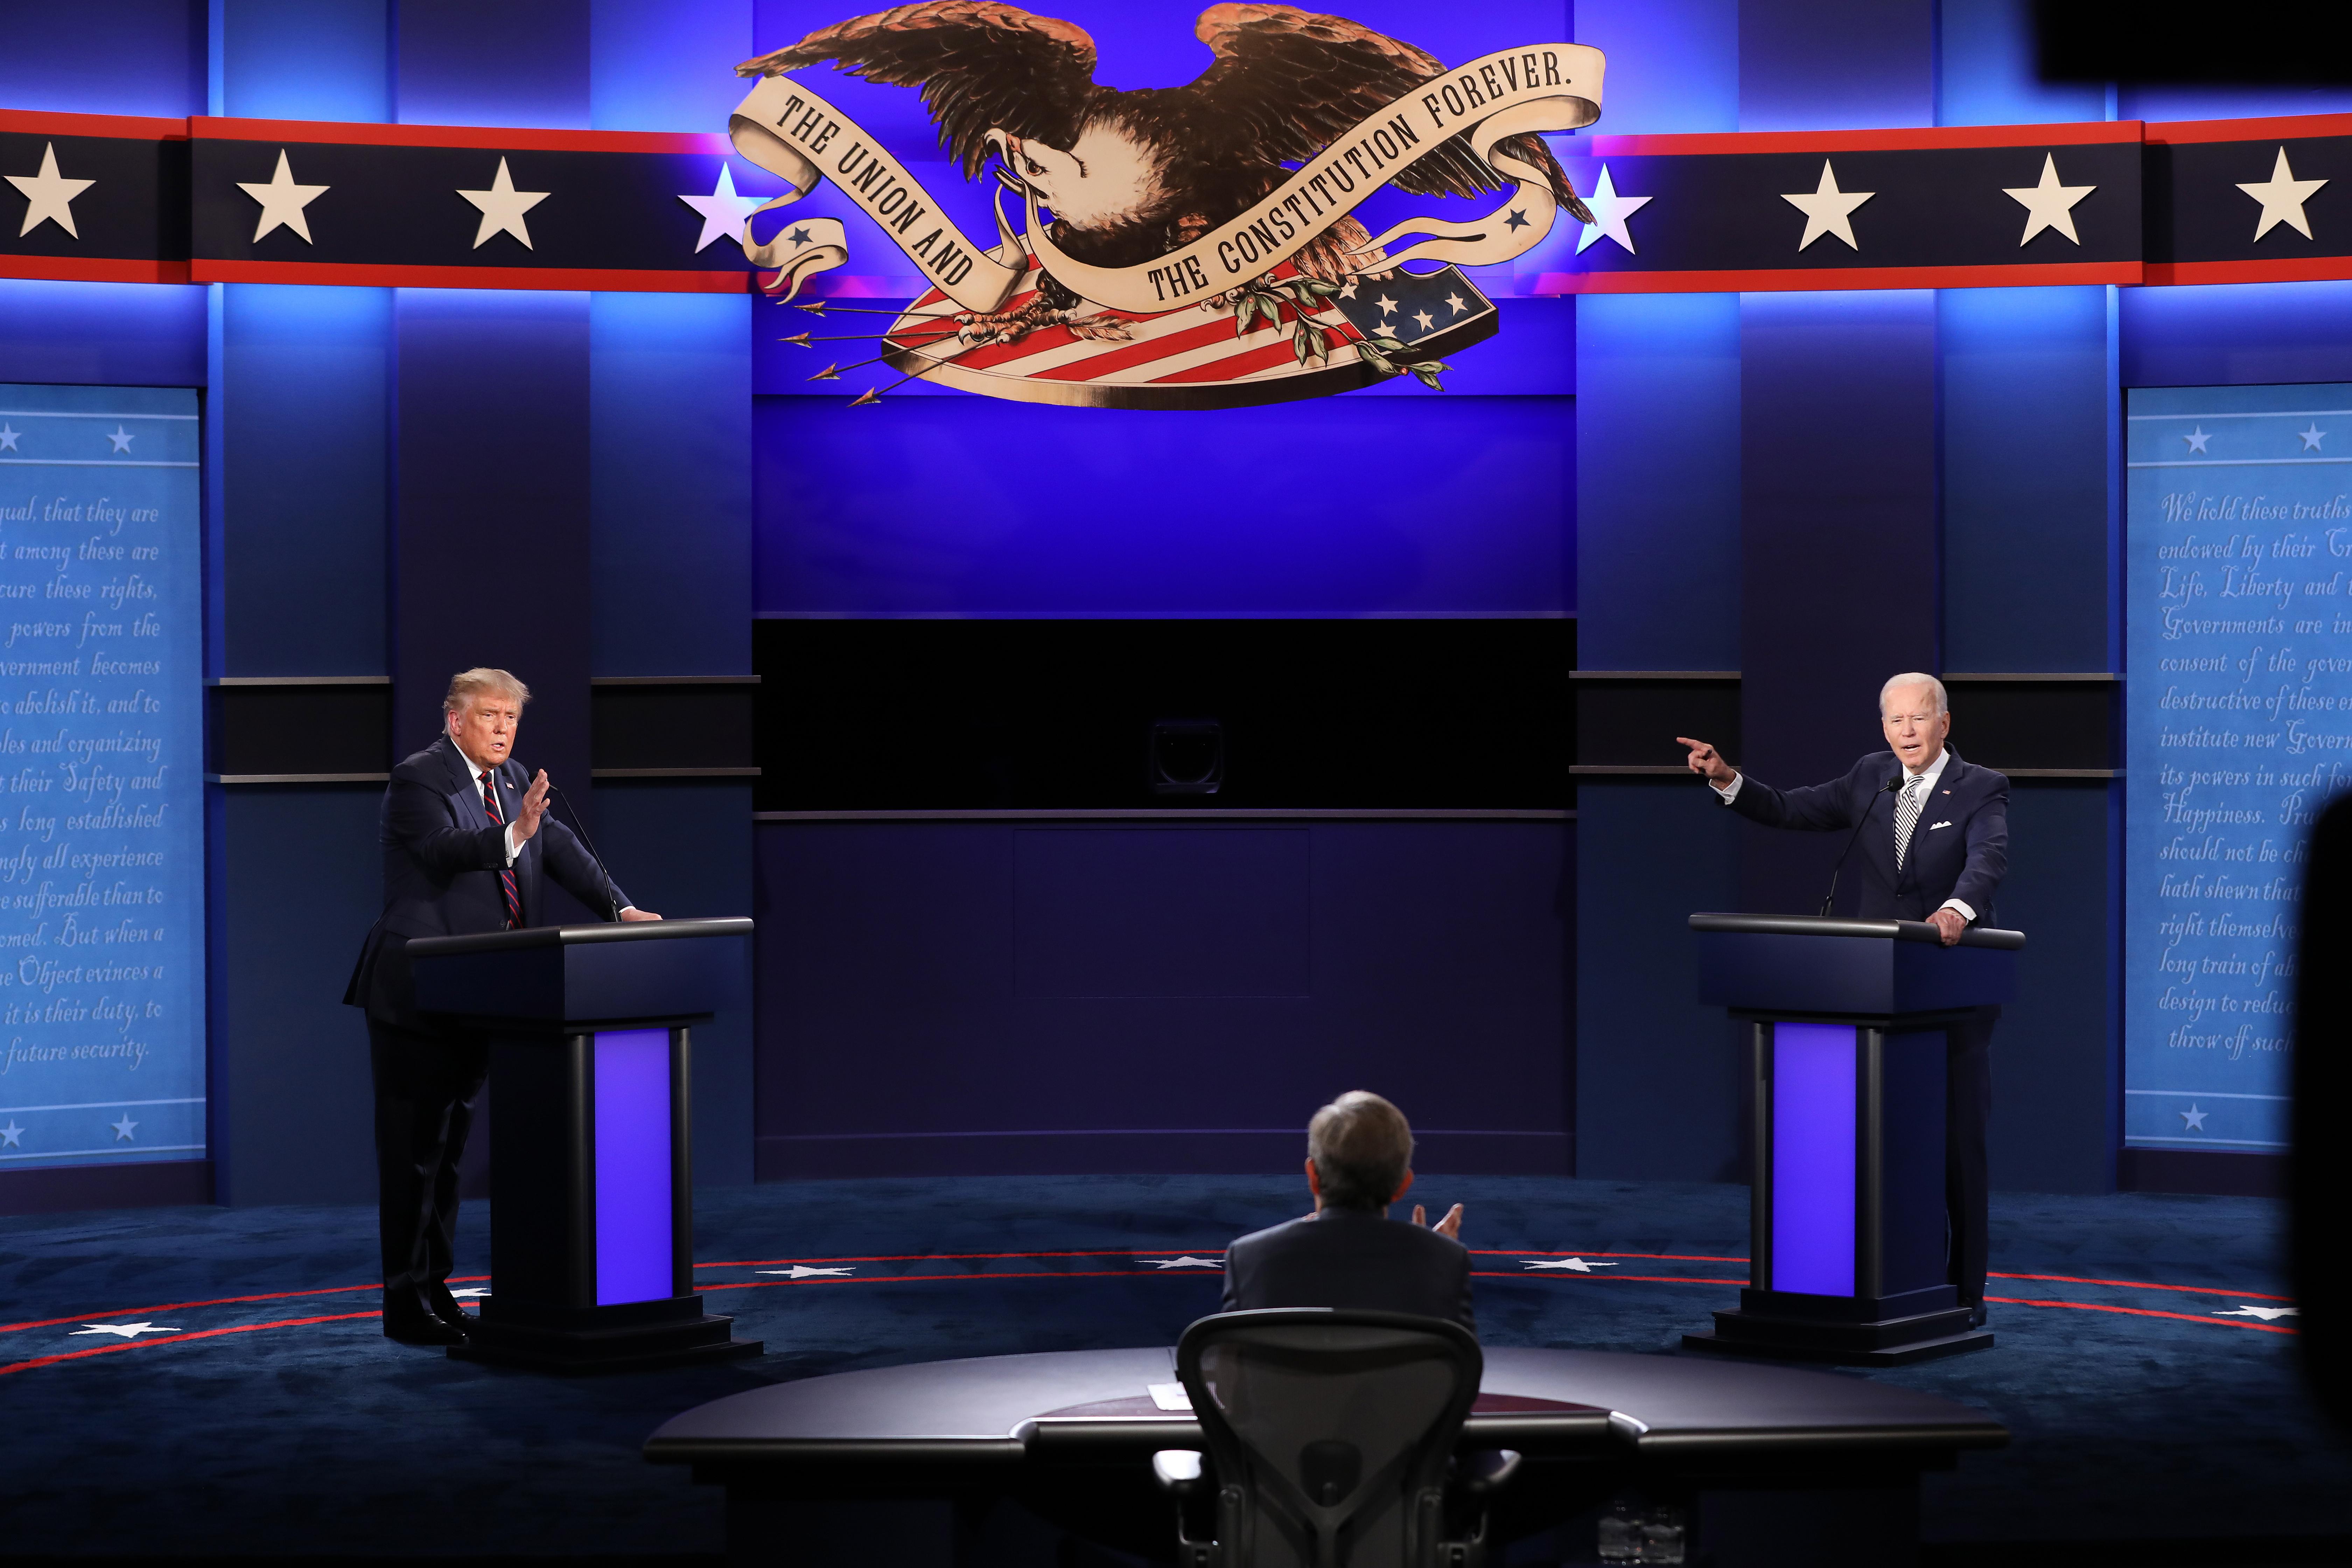 Prva debata Tramp–Bajden: Najhaotičnija debata u istoriji SAD